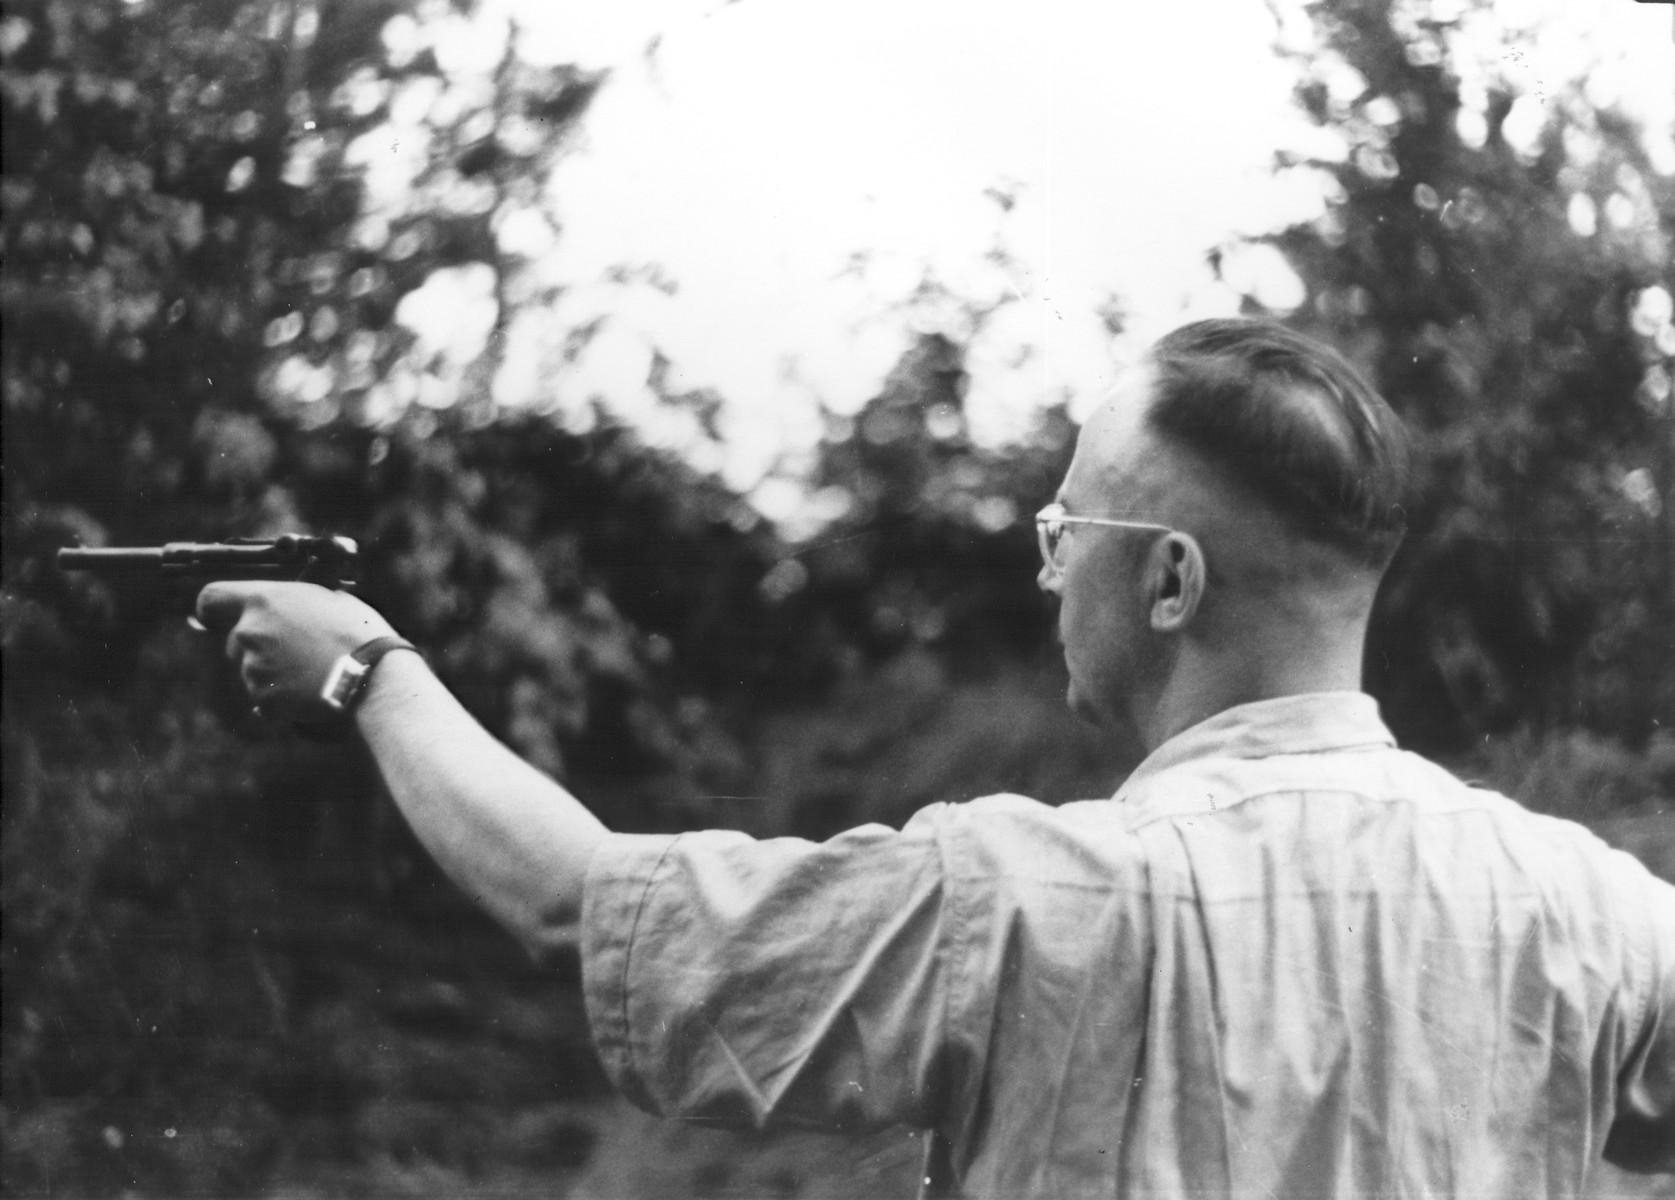 Heinrich Himmler shooting a pistol.